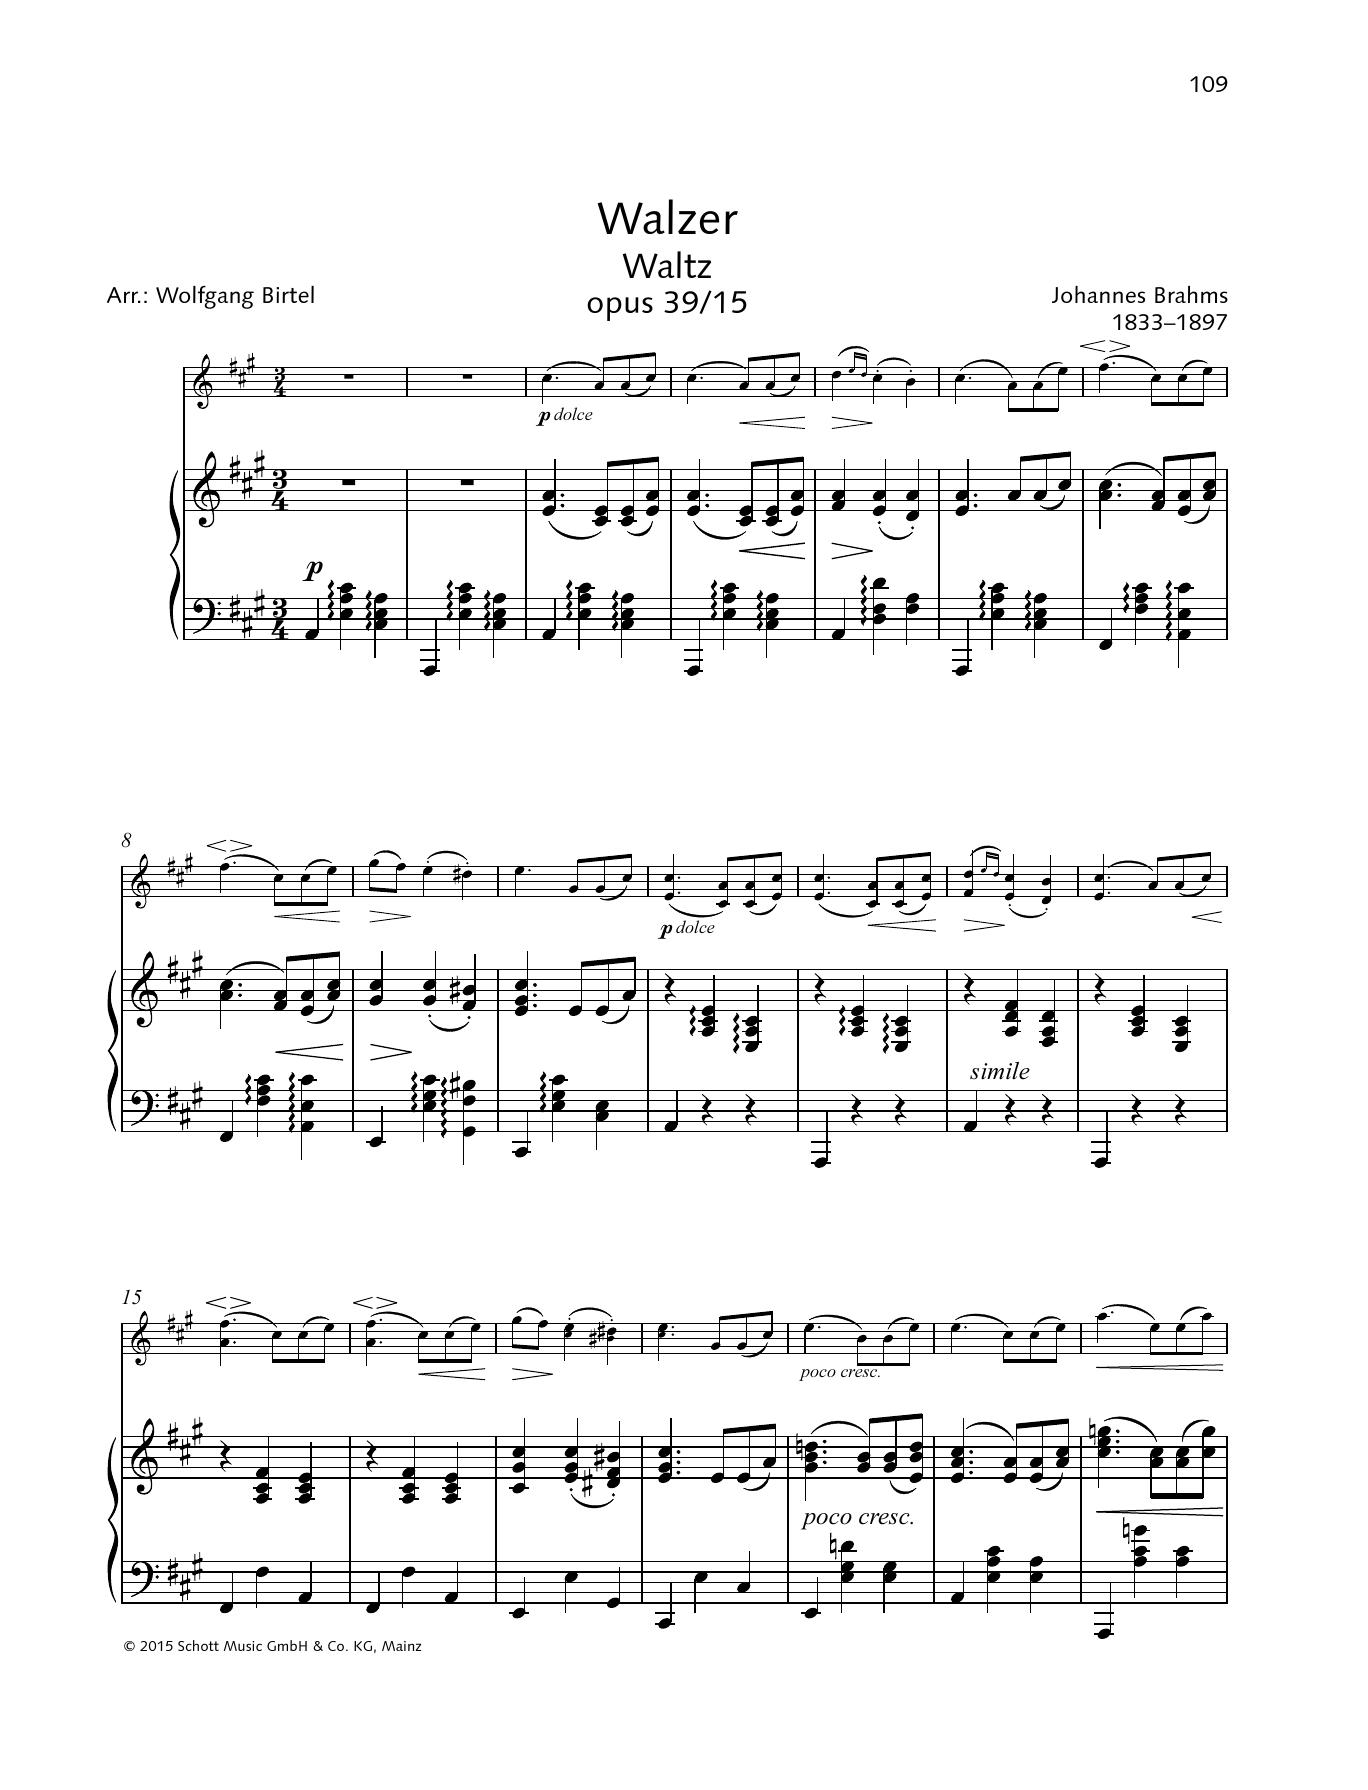 Waltz Op. 39, No. 15 Sheet Music